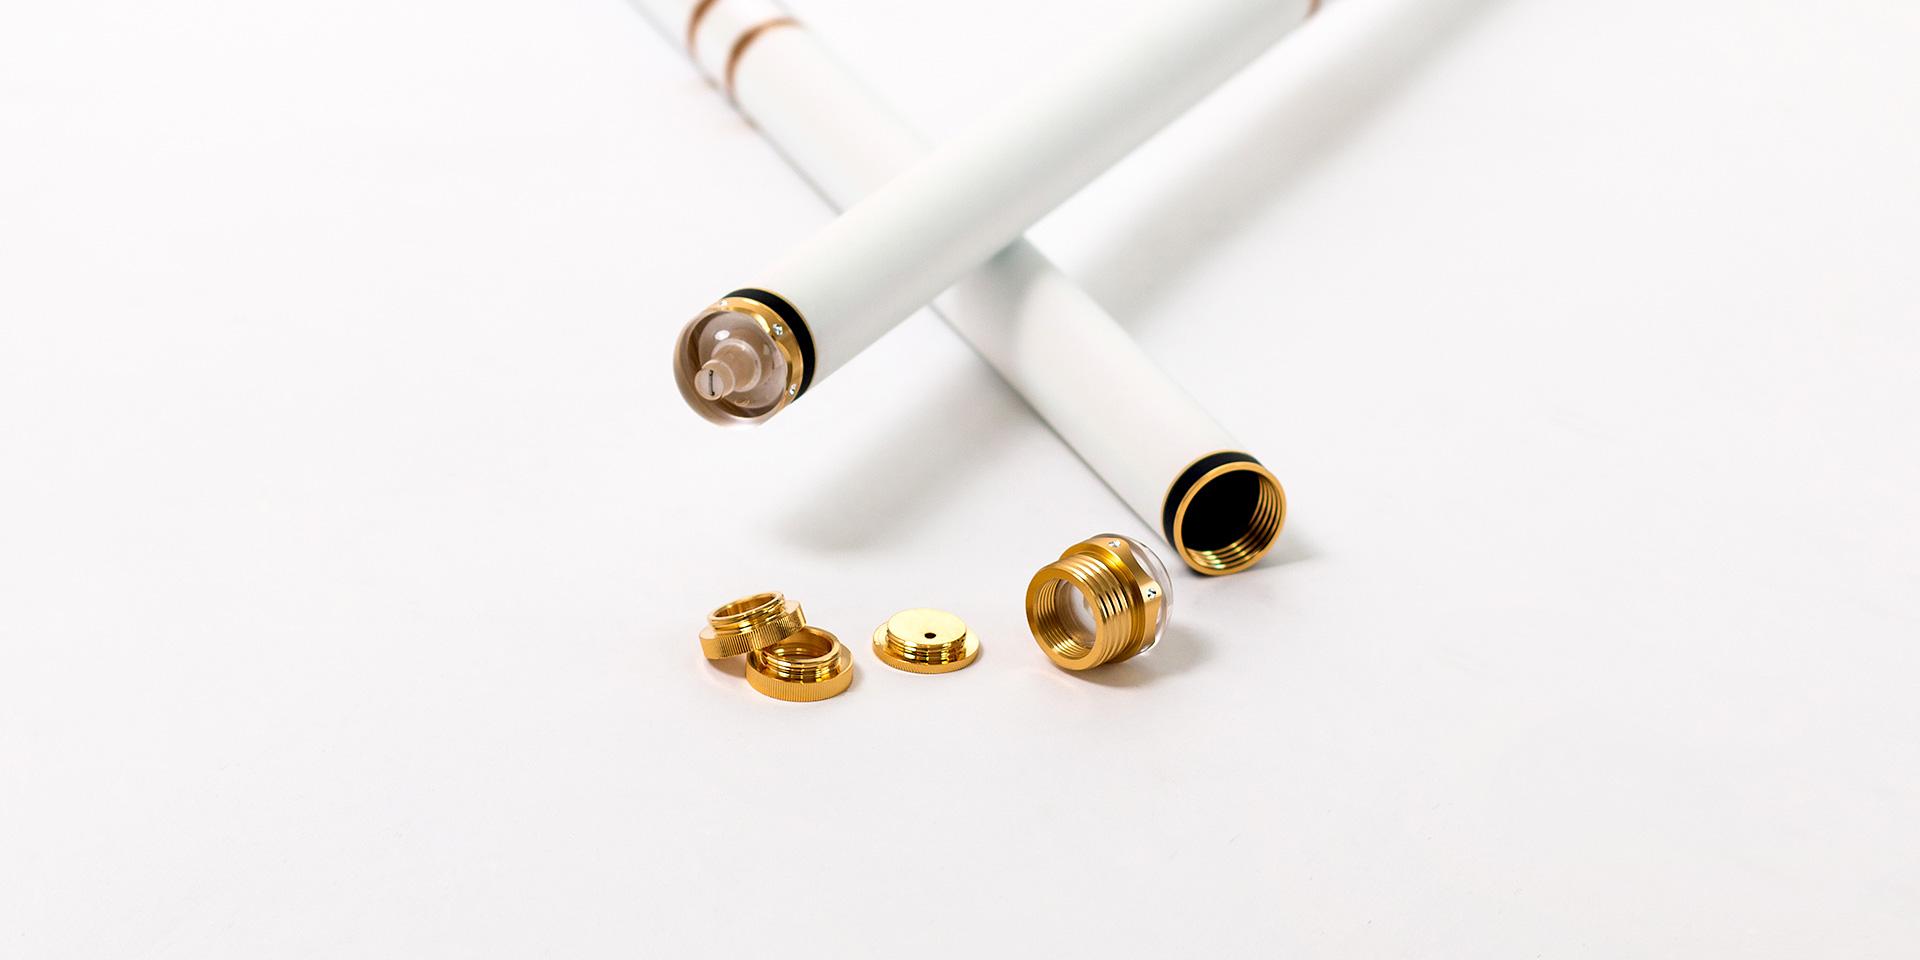 合金嵌钻工艺水晶后堵可360°旋转隐藏失手环(此项已获得国家专利保护),并装配可卸式纯金属配重件可随心所欲调节重心